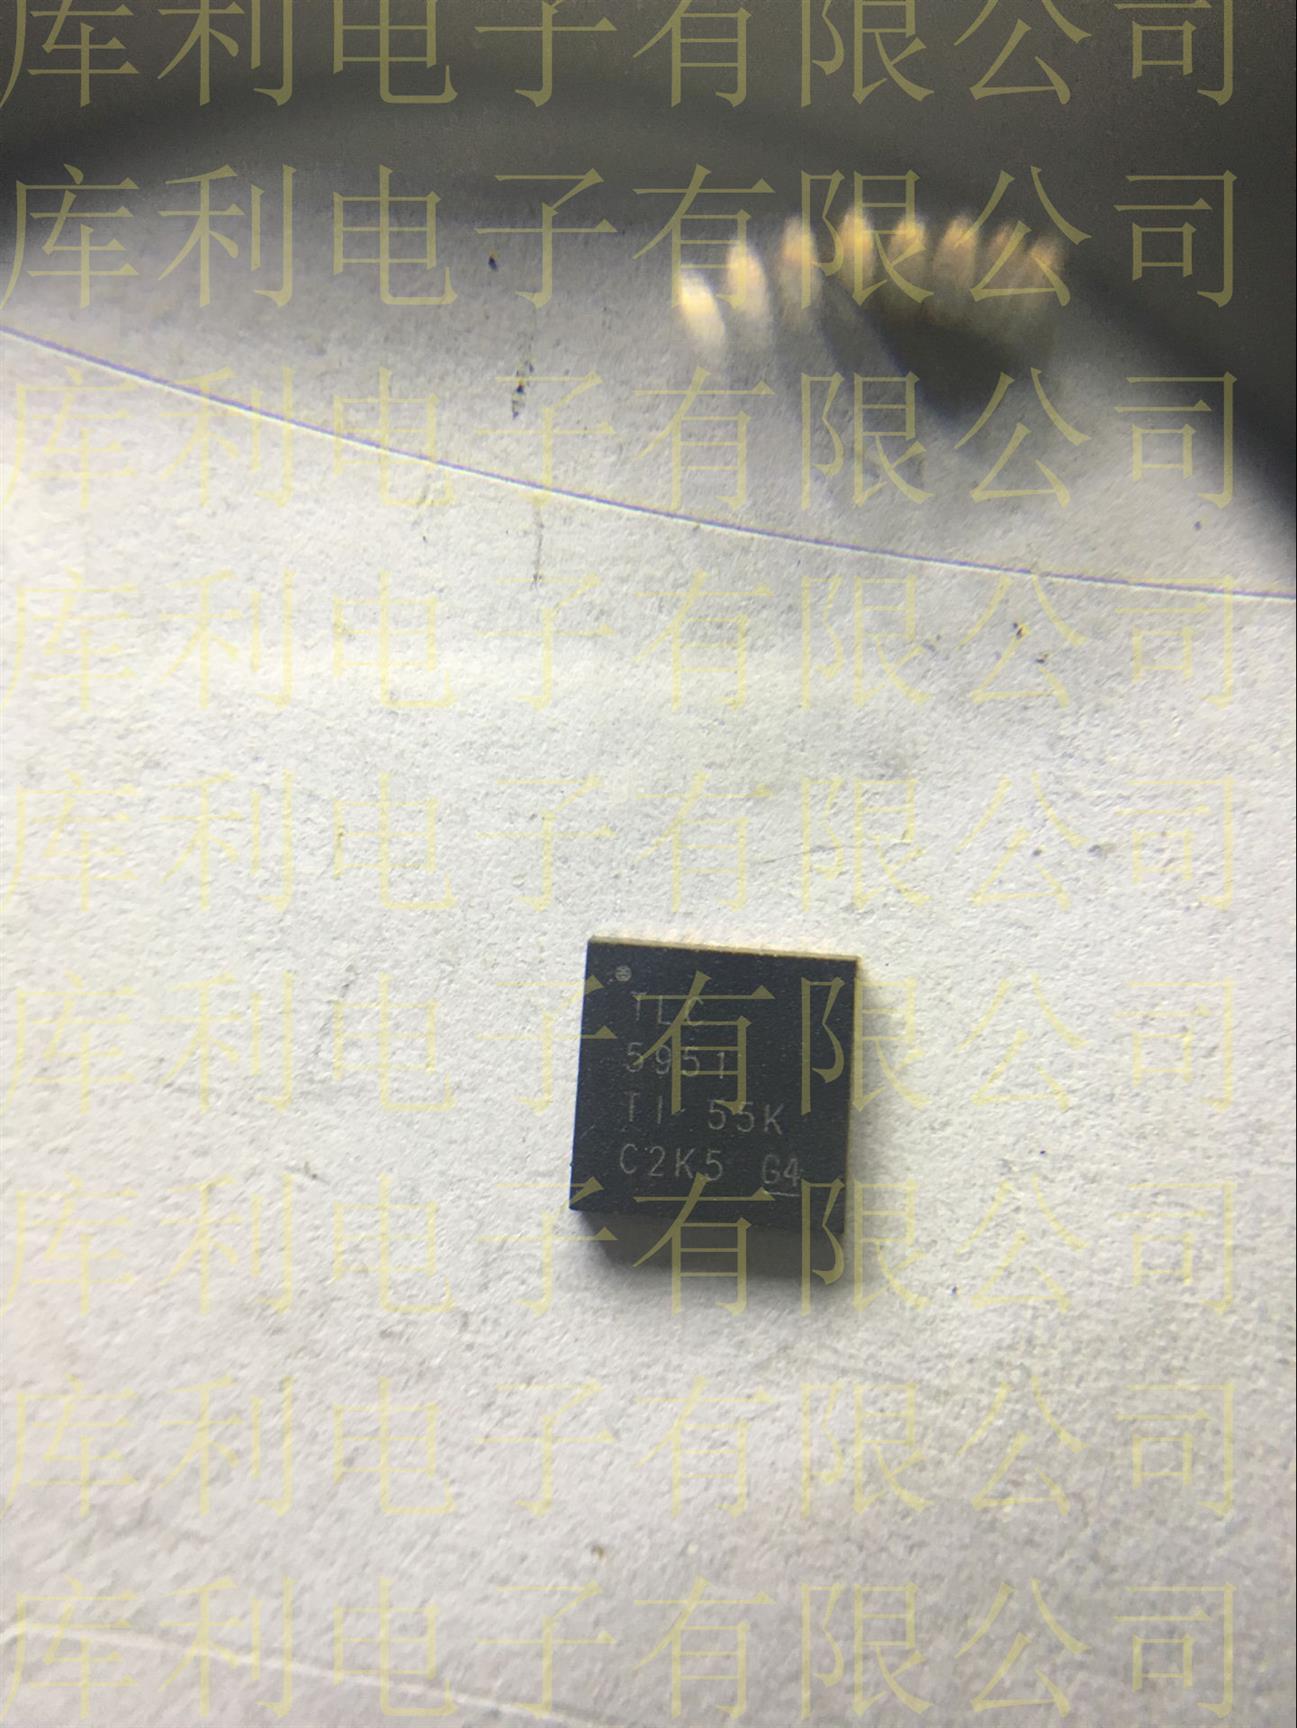 直拍 tlc5951rhar vqfn2114 led驱动器ic 24输出 线性 移位寄存